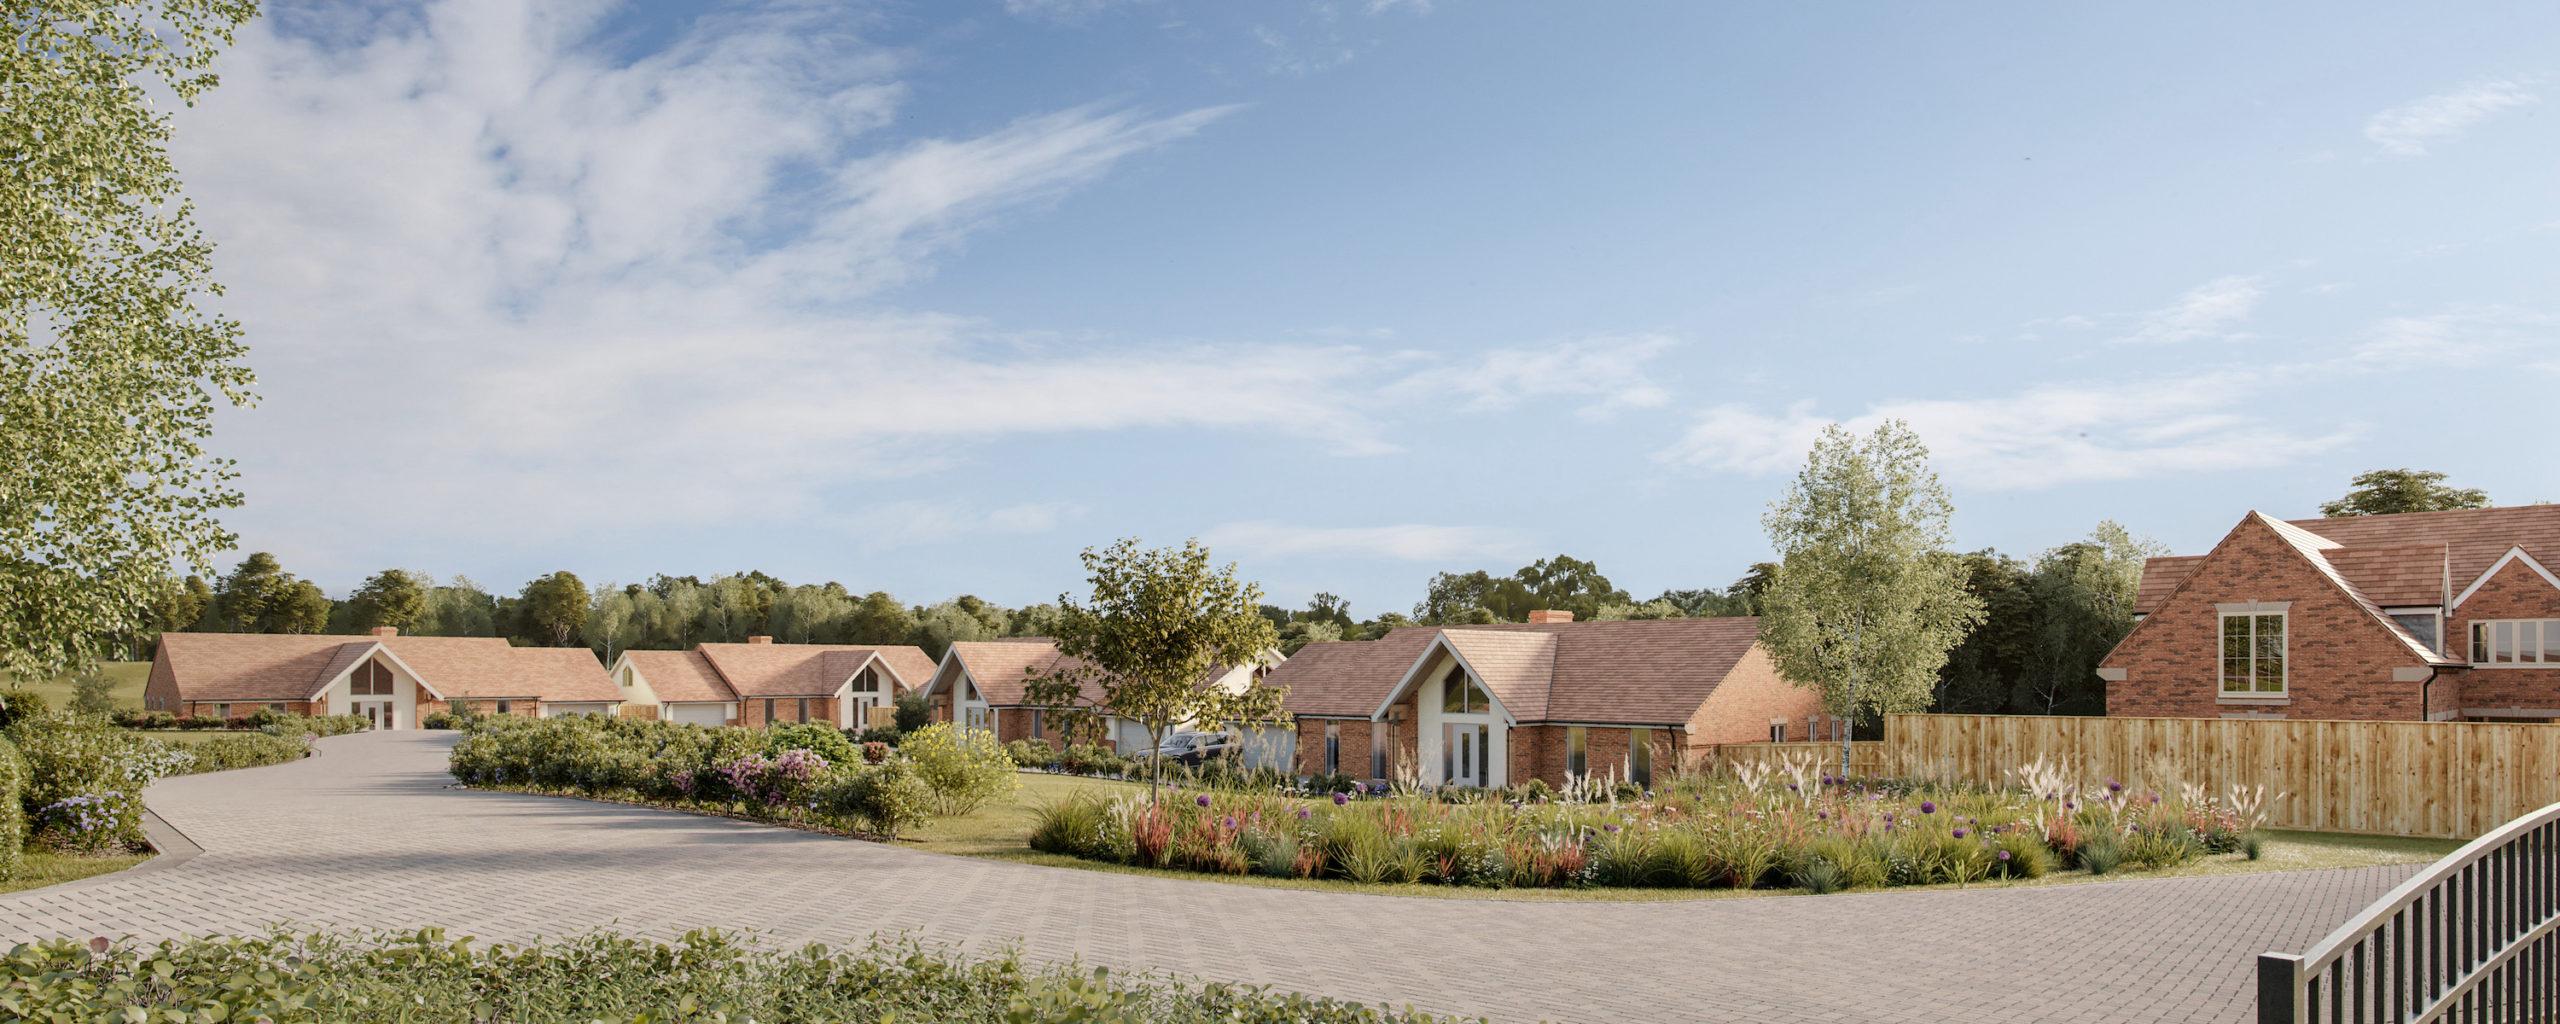 Luxury development for award-winning housebuilder